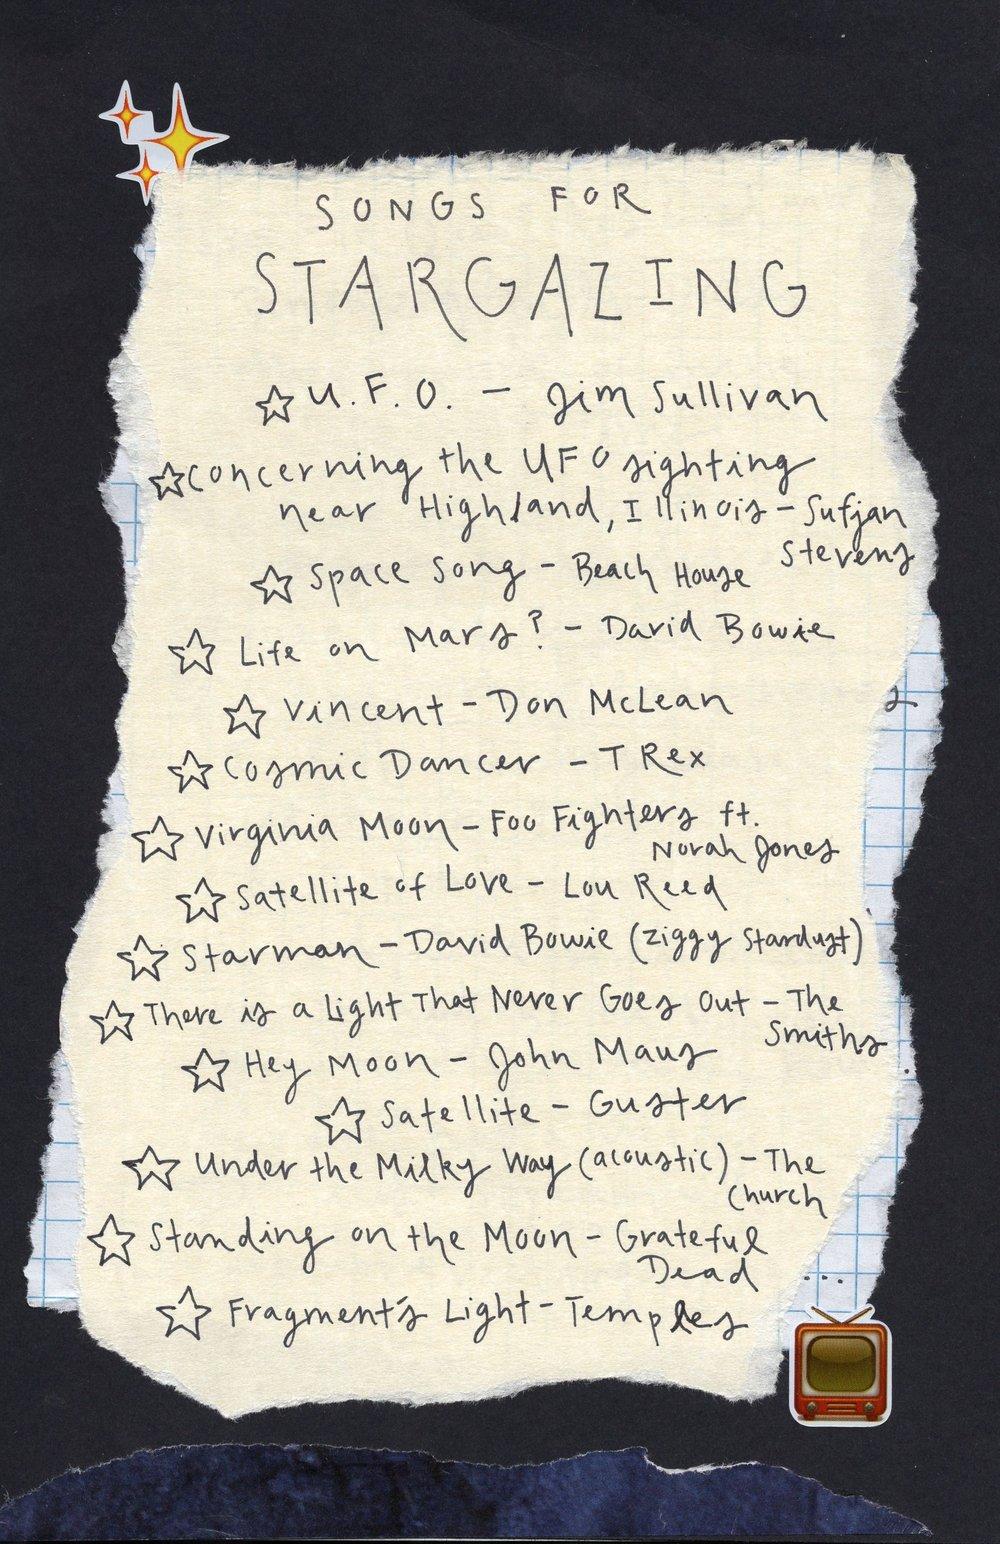 Songs-for-Stargazing-photo.jpg